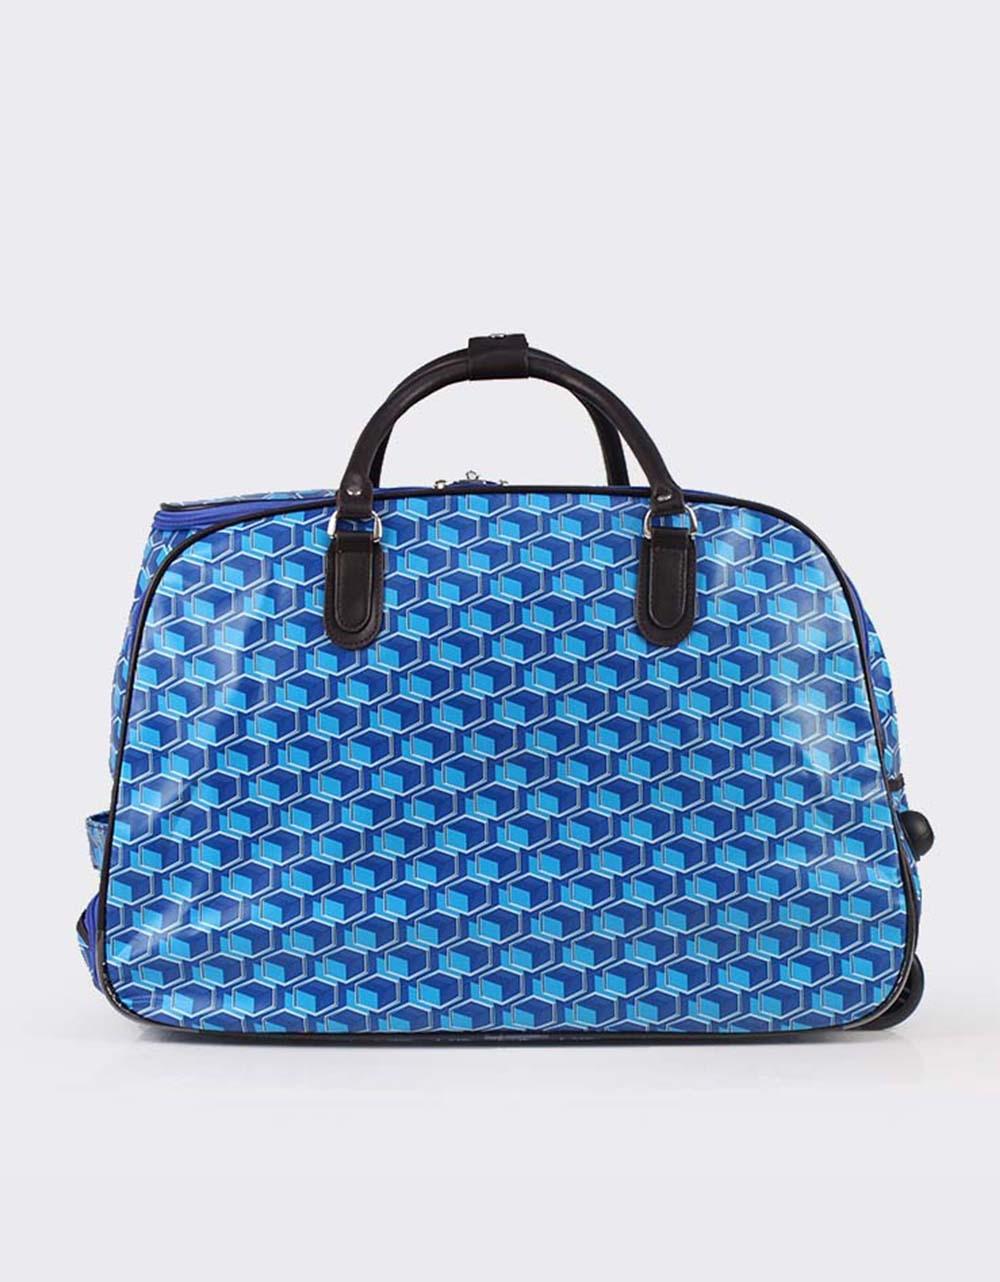 Εικόνα από Γυναικείες τσάντες ταξιδίου με μοτίβο Μπλε